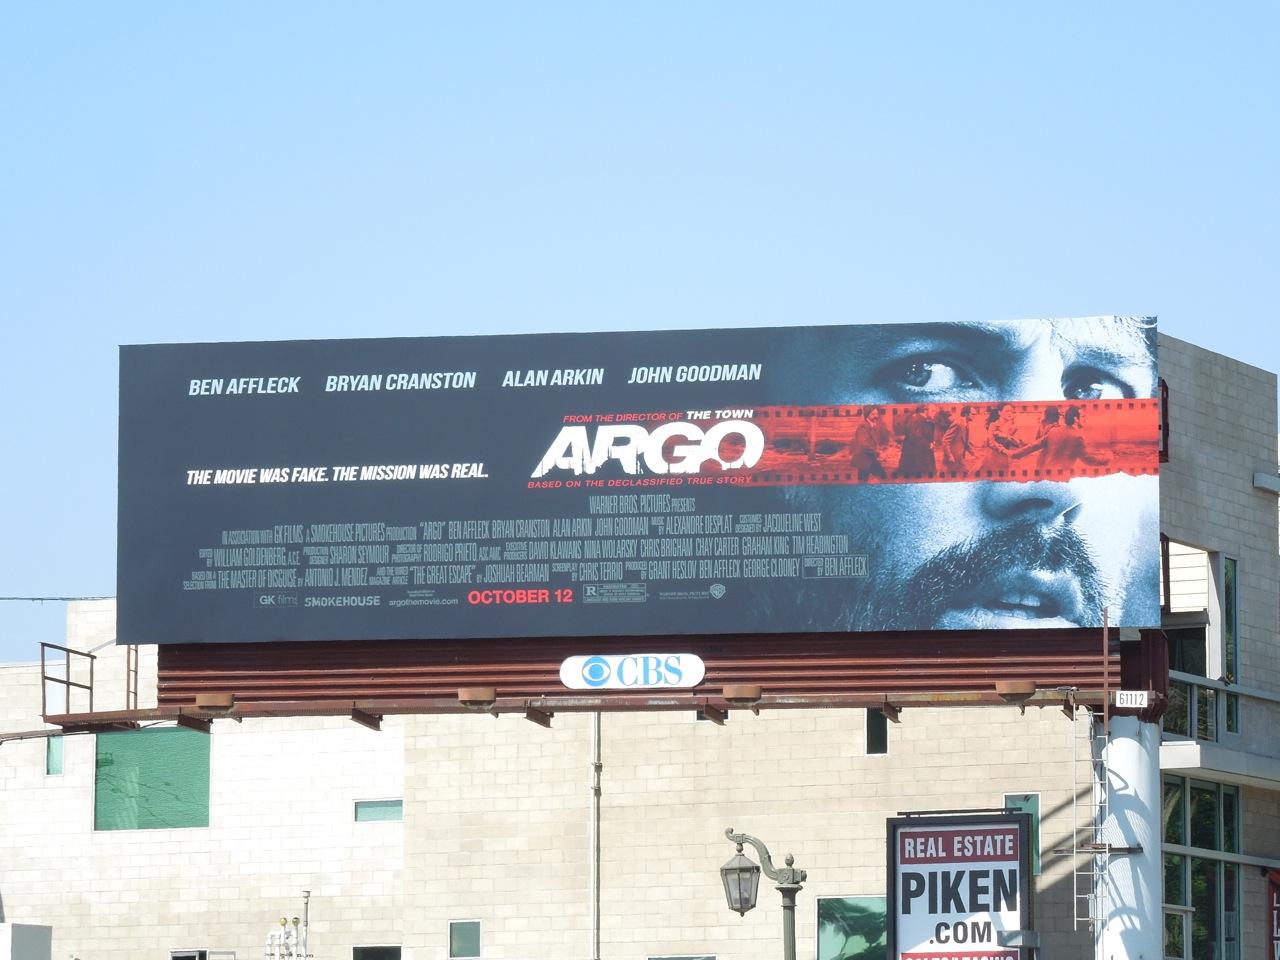 http://1.bp.blogspot.com/-QgkUJurNsl4/UGTM_KPMiXI/AAAAAAAA1Cg/uoSe2rixjyU/s1600/Argo+movie+billboard.jpg